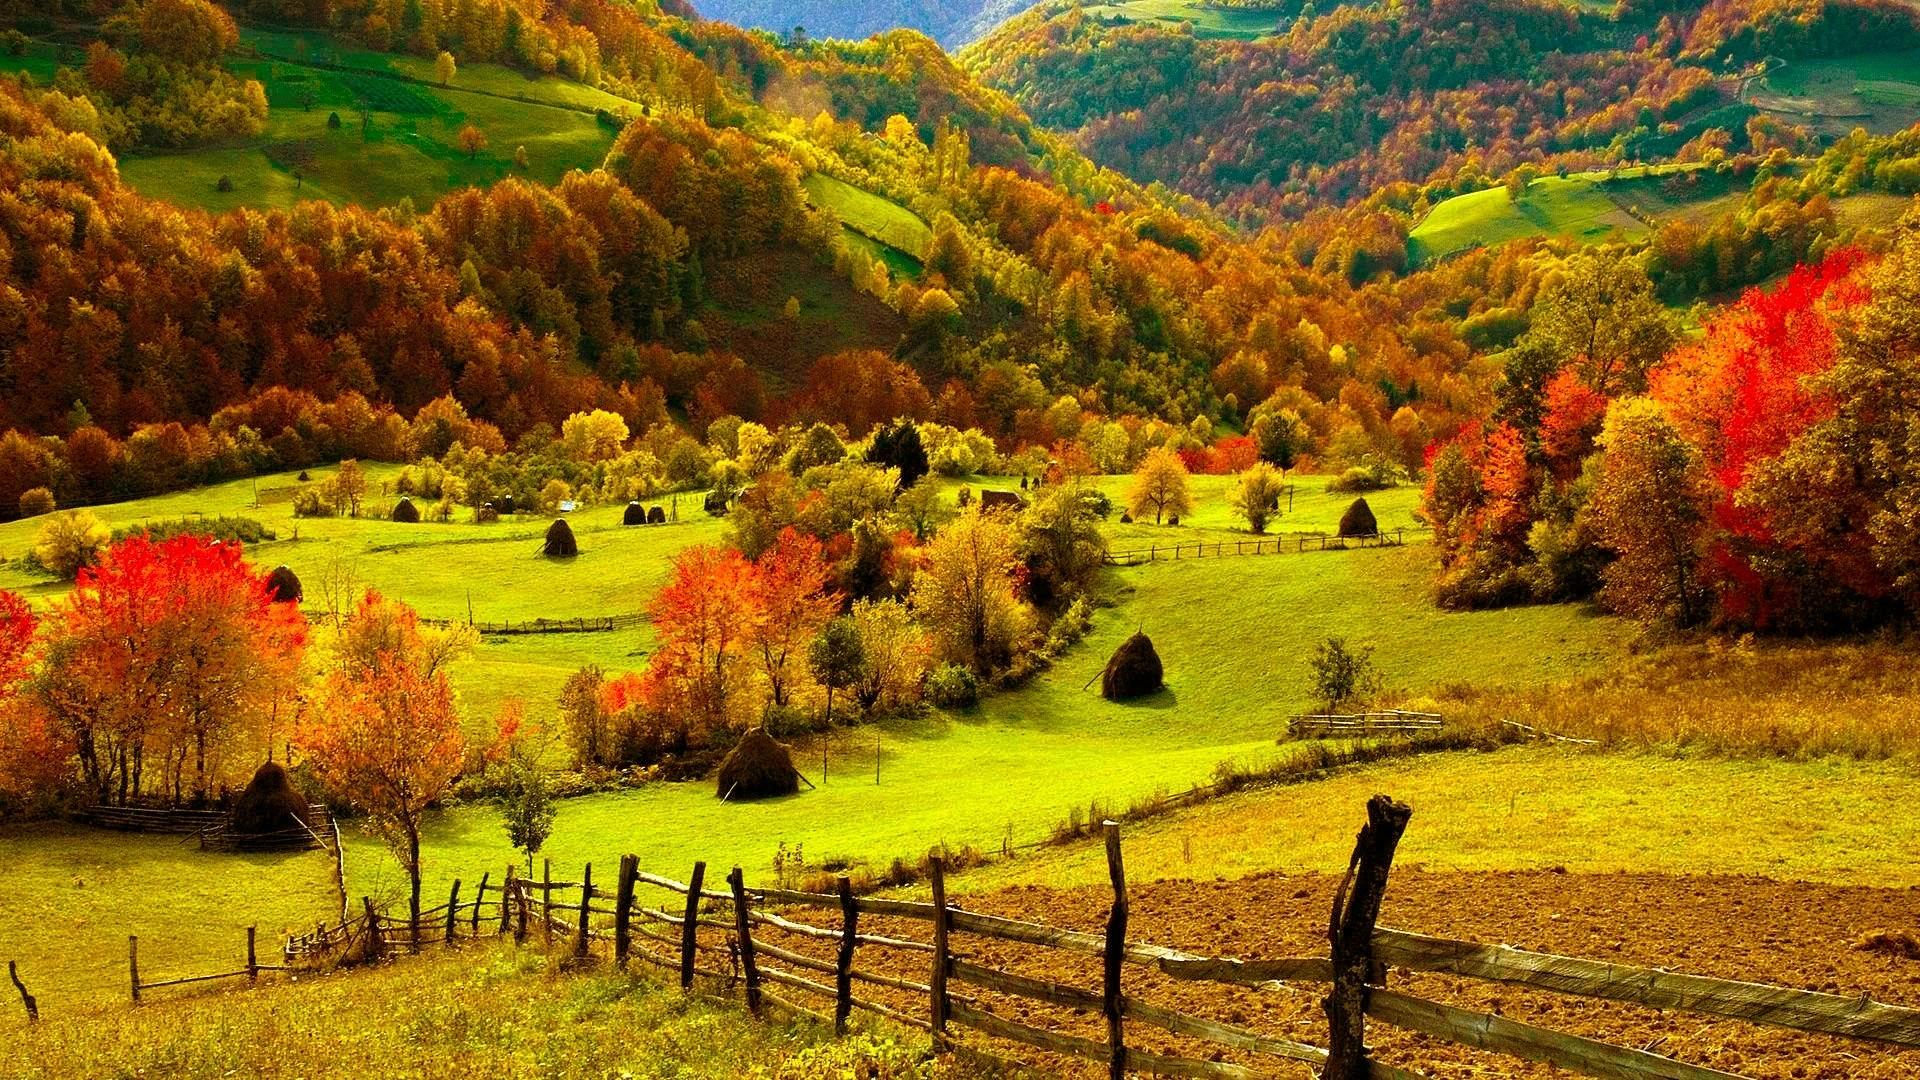 デスクトップ壁紙 19x1080 Px 秋 明るい 色 ファーム フェンス フィールド 森林 草 丘 風景 葉 自然 風光明媚な 季節 木 見る 19x1080 Coolwallpapers デスクトップ壁紙 Wallhere